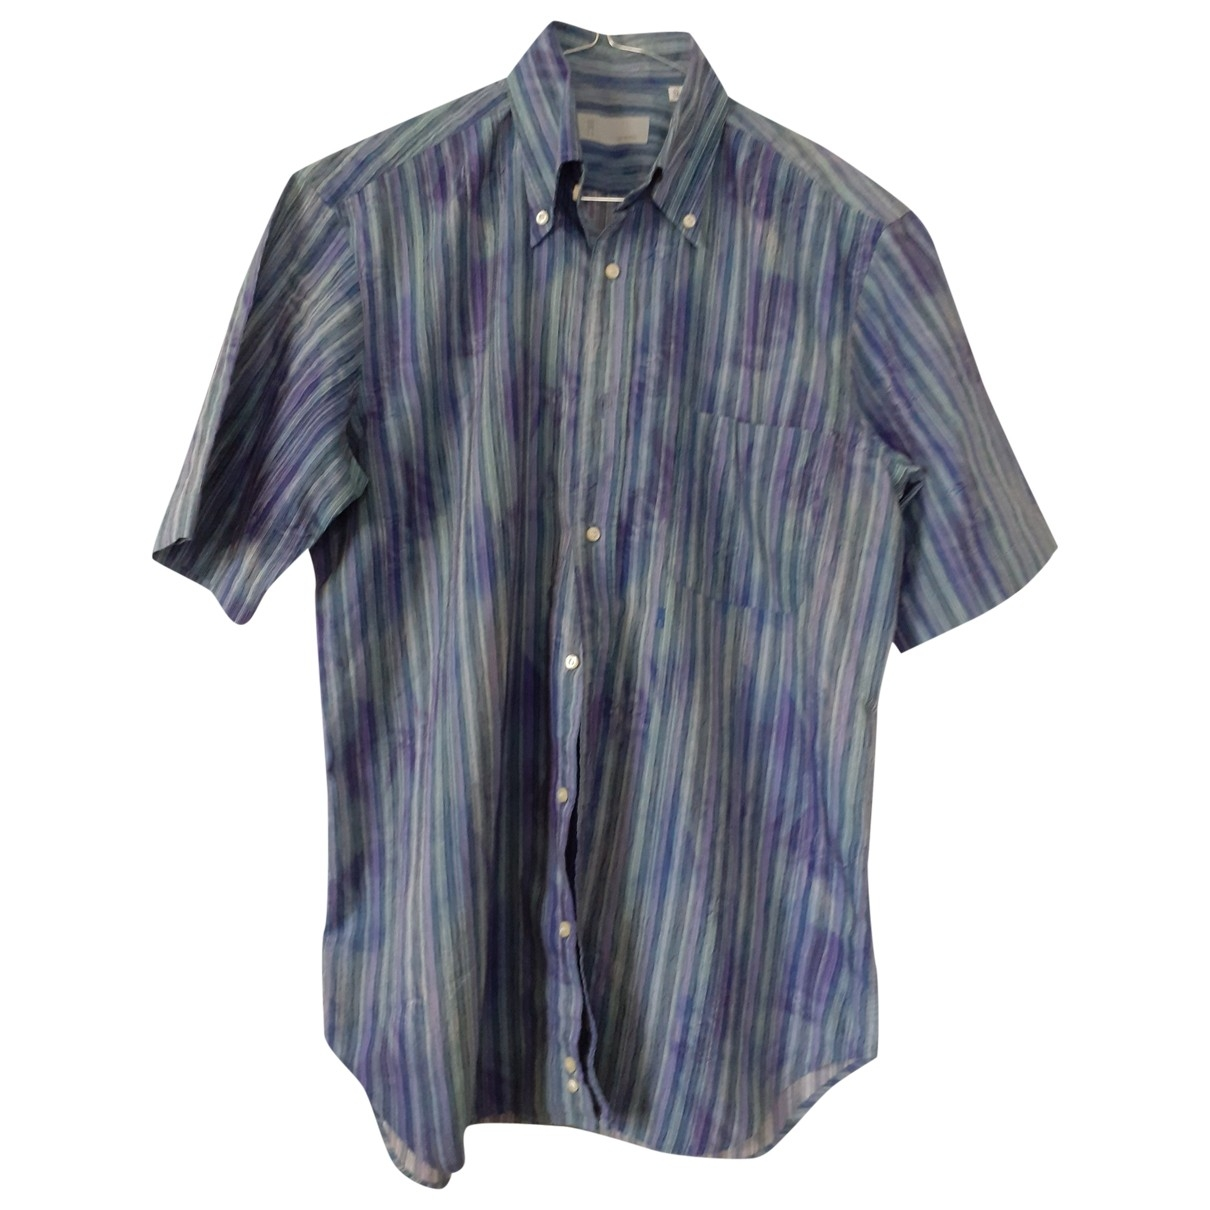 M Missoni - Chemises   pour homme en coton - multicolore